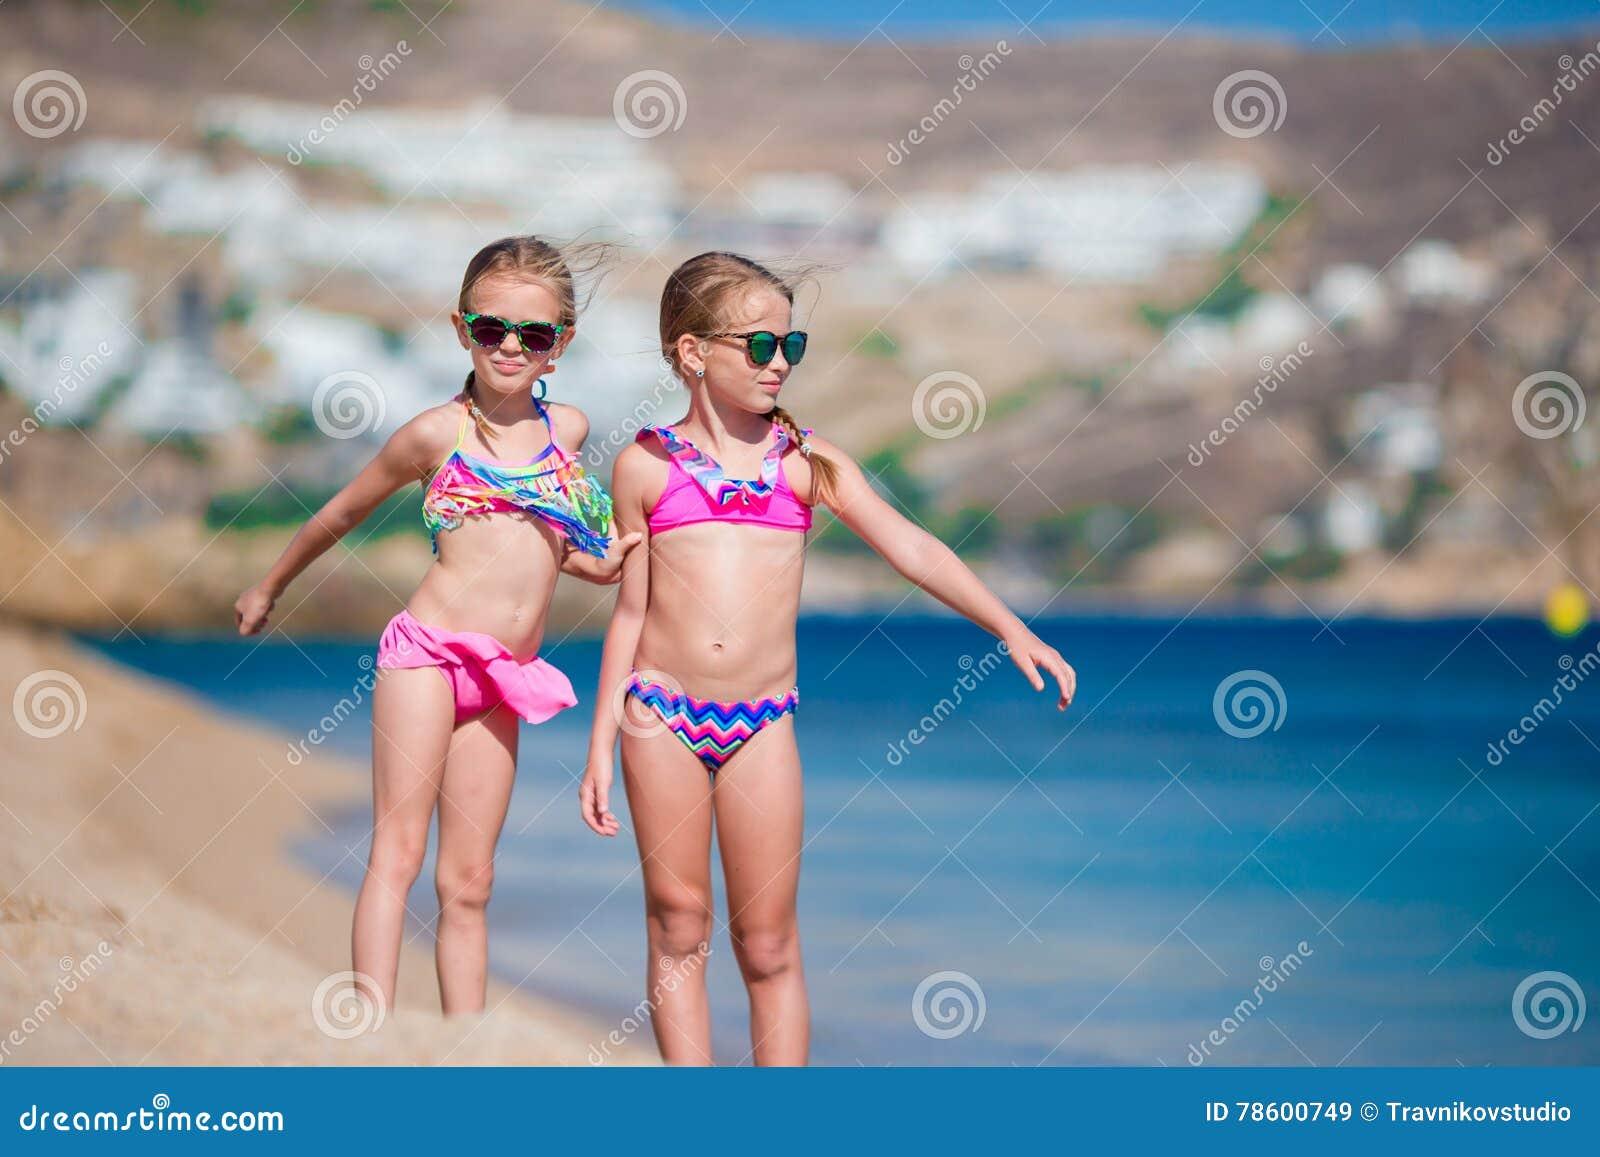 Entzückende kleine Mädchen, die Spaß während der Strandferien haben Zwei Kinder zusammen auf griechischen Ferien